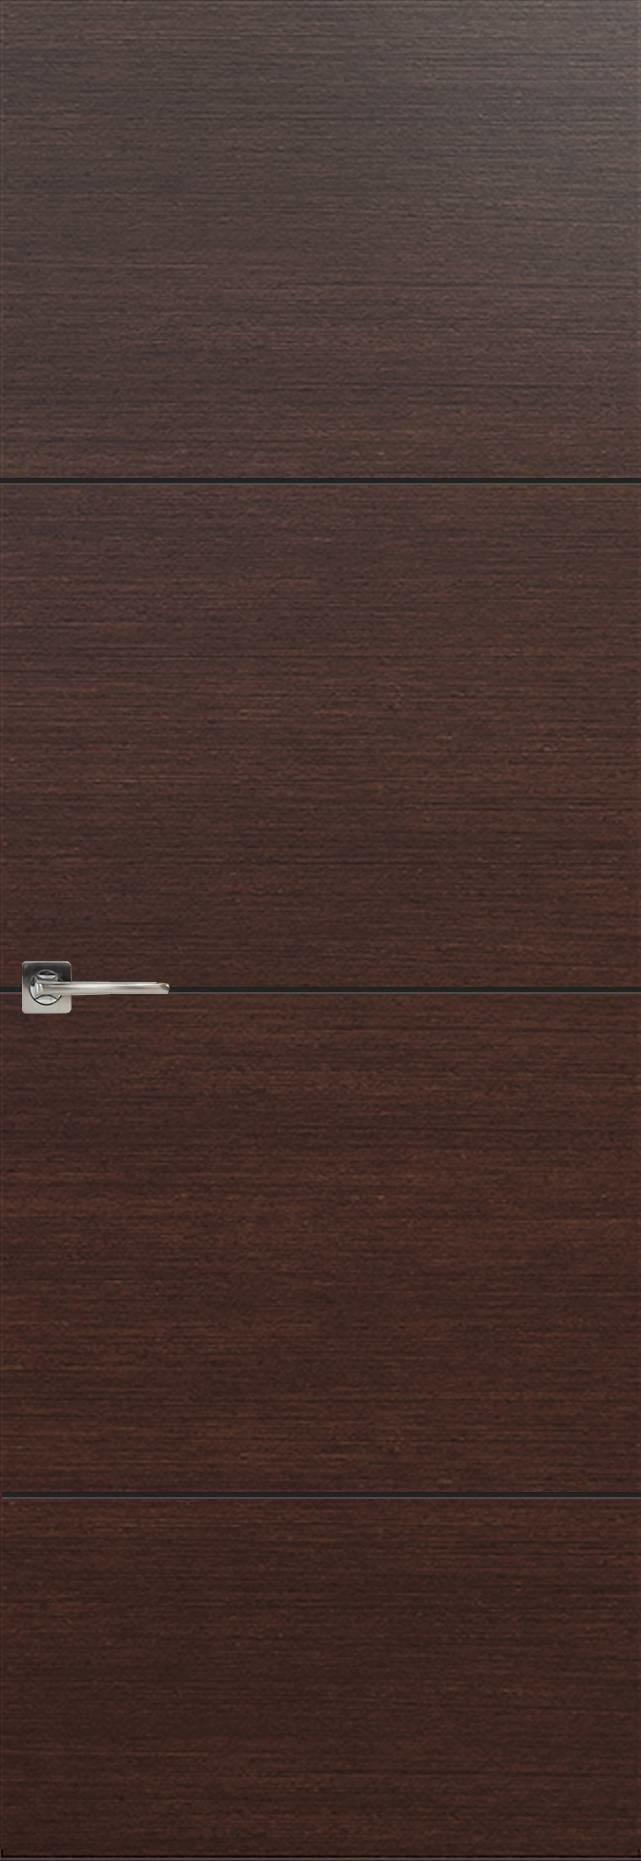 Tivoli Г-2 Invisible цвет - Венге Без стекла (ДГ)